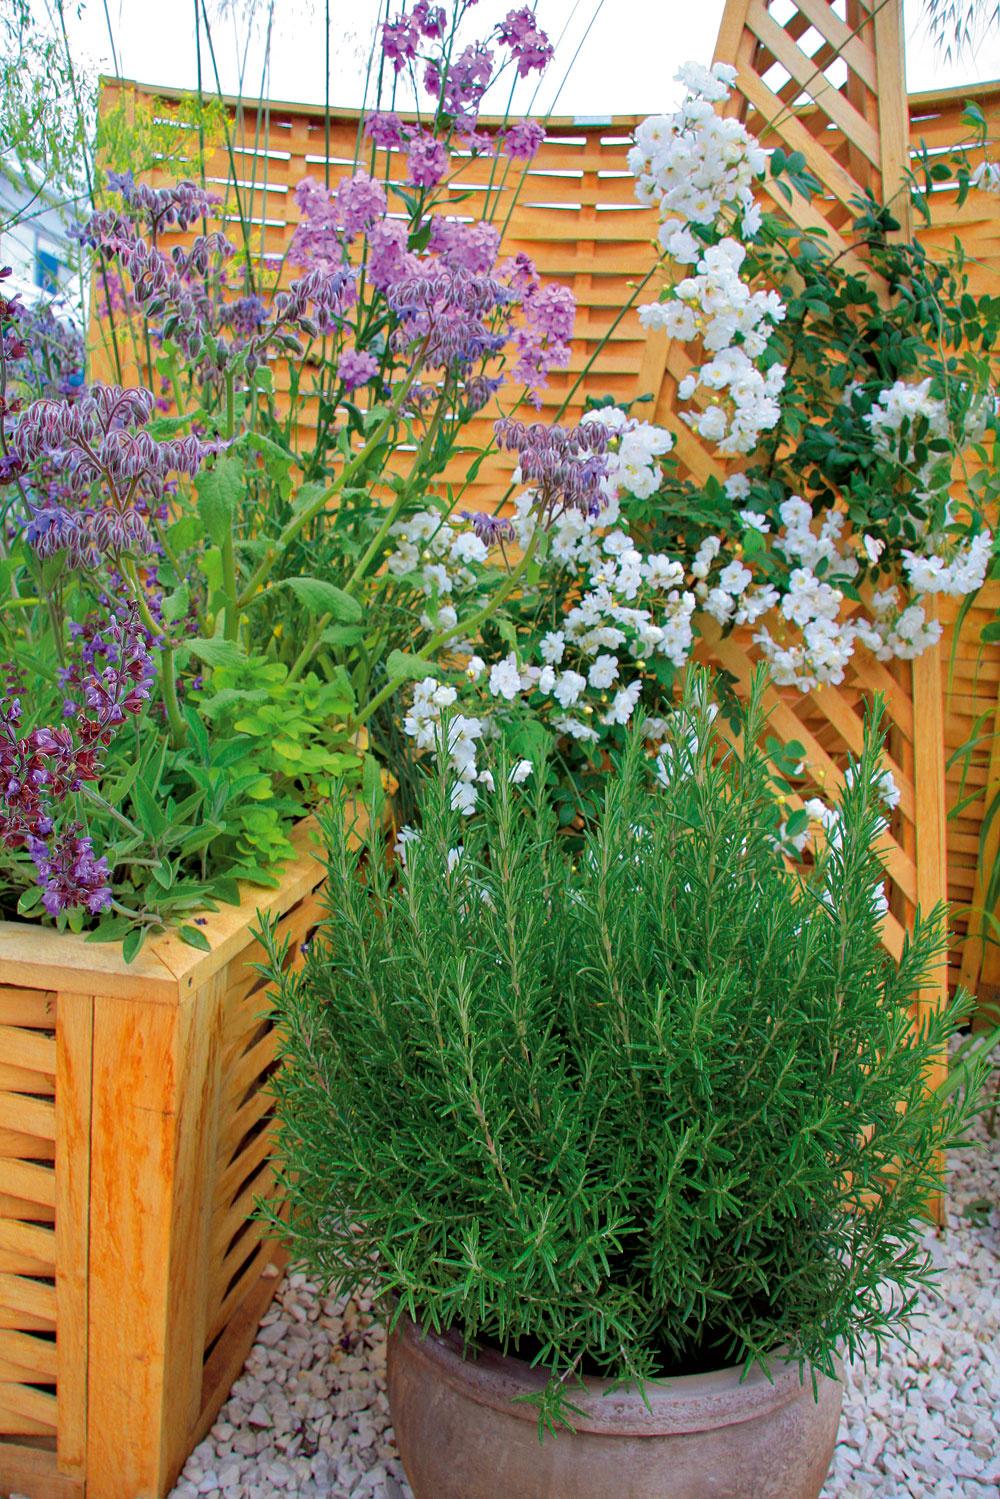 Voňavé rastliny sa dajú bez problémov pestovať aj vnádobách na balkónoch aterasách. Obvykle si nežiadajú žiadne špecifické pestovateľské zásahy. Na tento účel sa výborne hodí rozmarín, ale aj popínavé ruže.